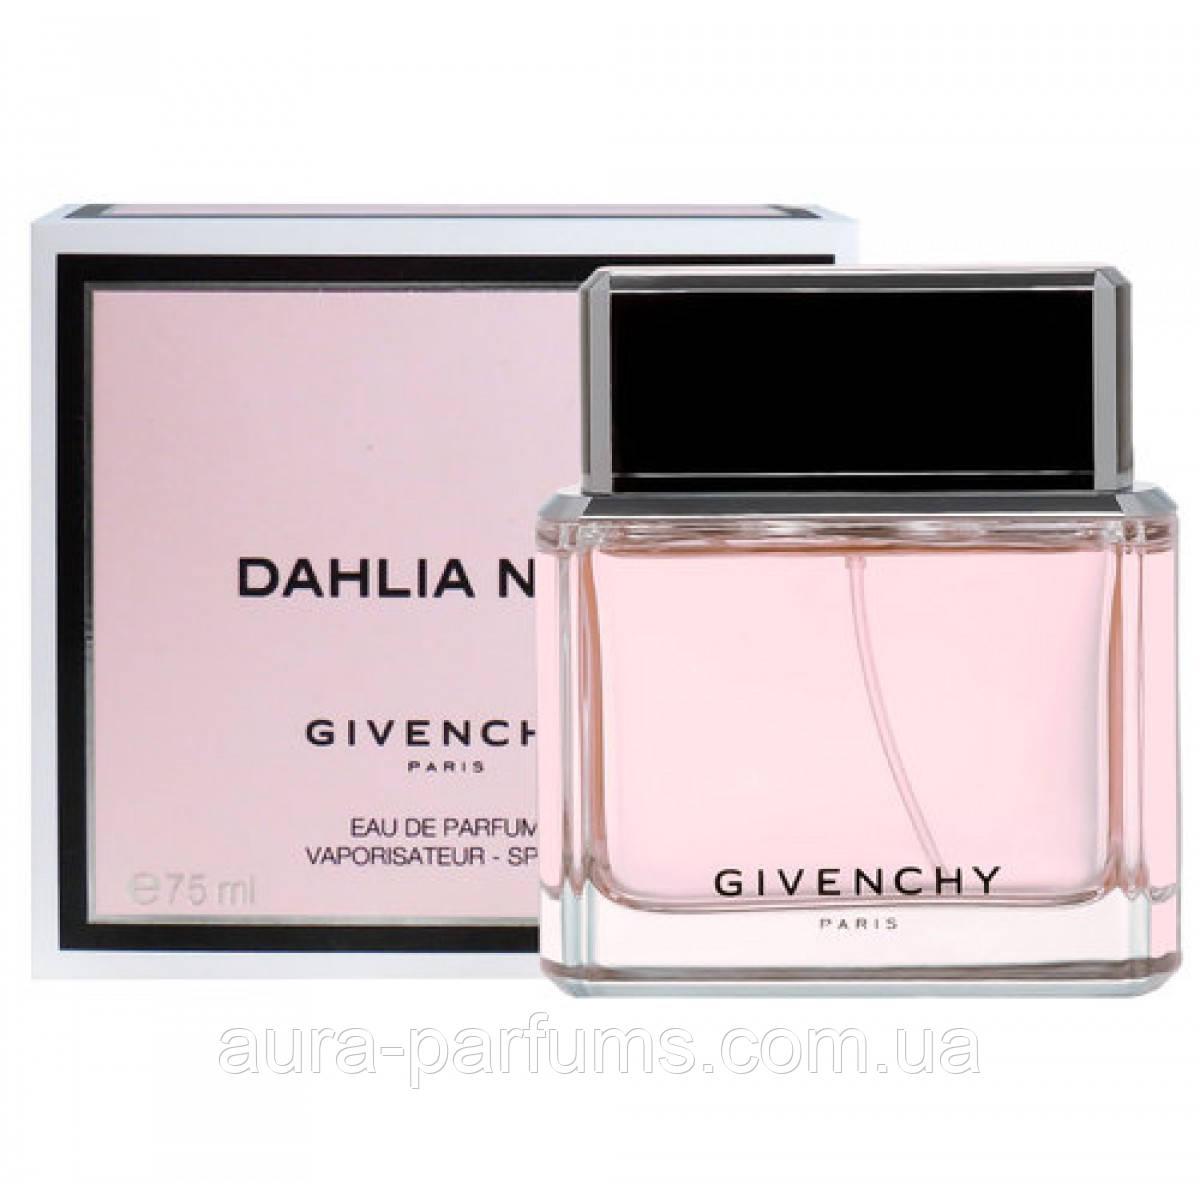 Givenchy Dahlia Noir edp 75 ml. женский оригинал